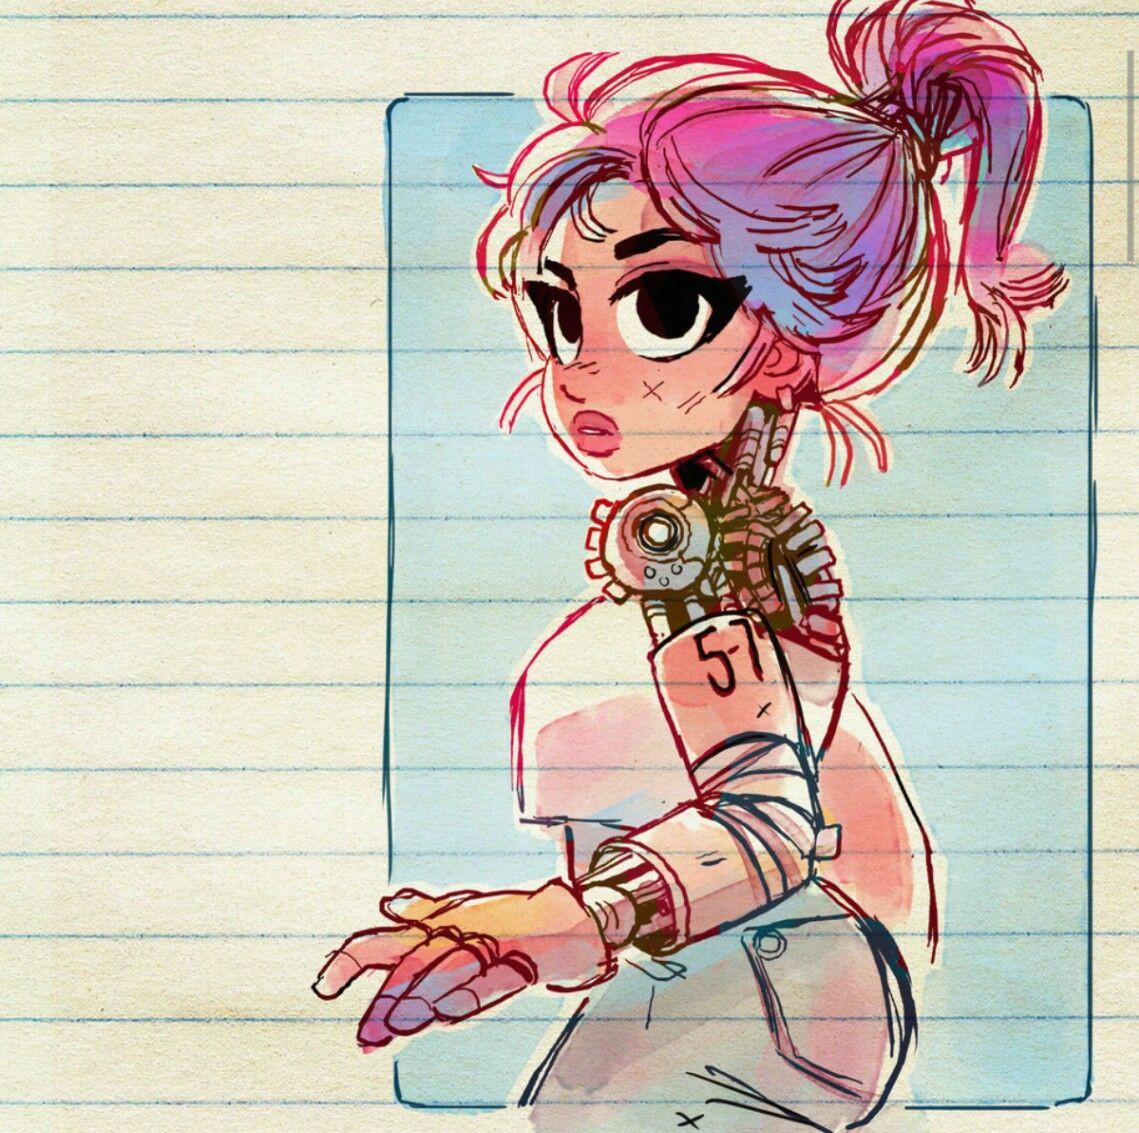 cool drawings cute people drawings amazing drawings beautiful drawings cartoon drawings